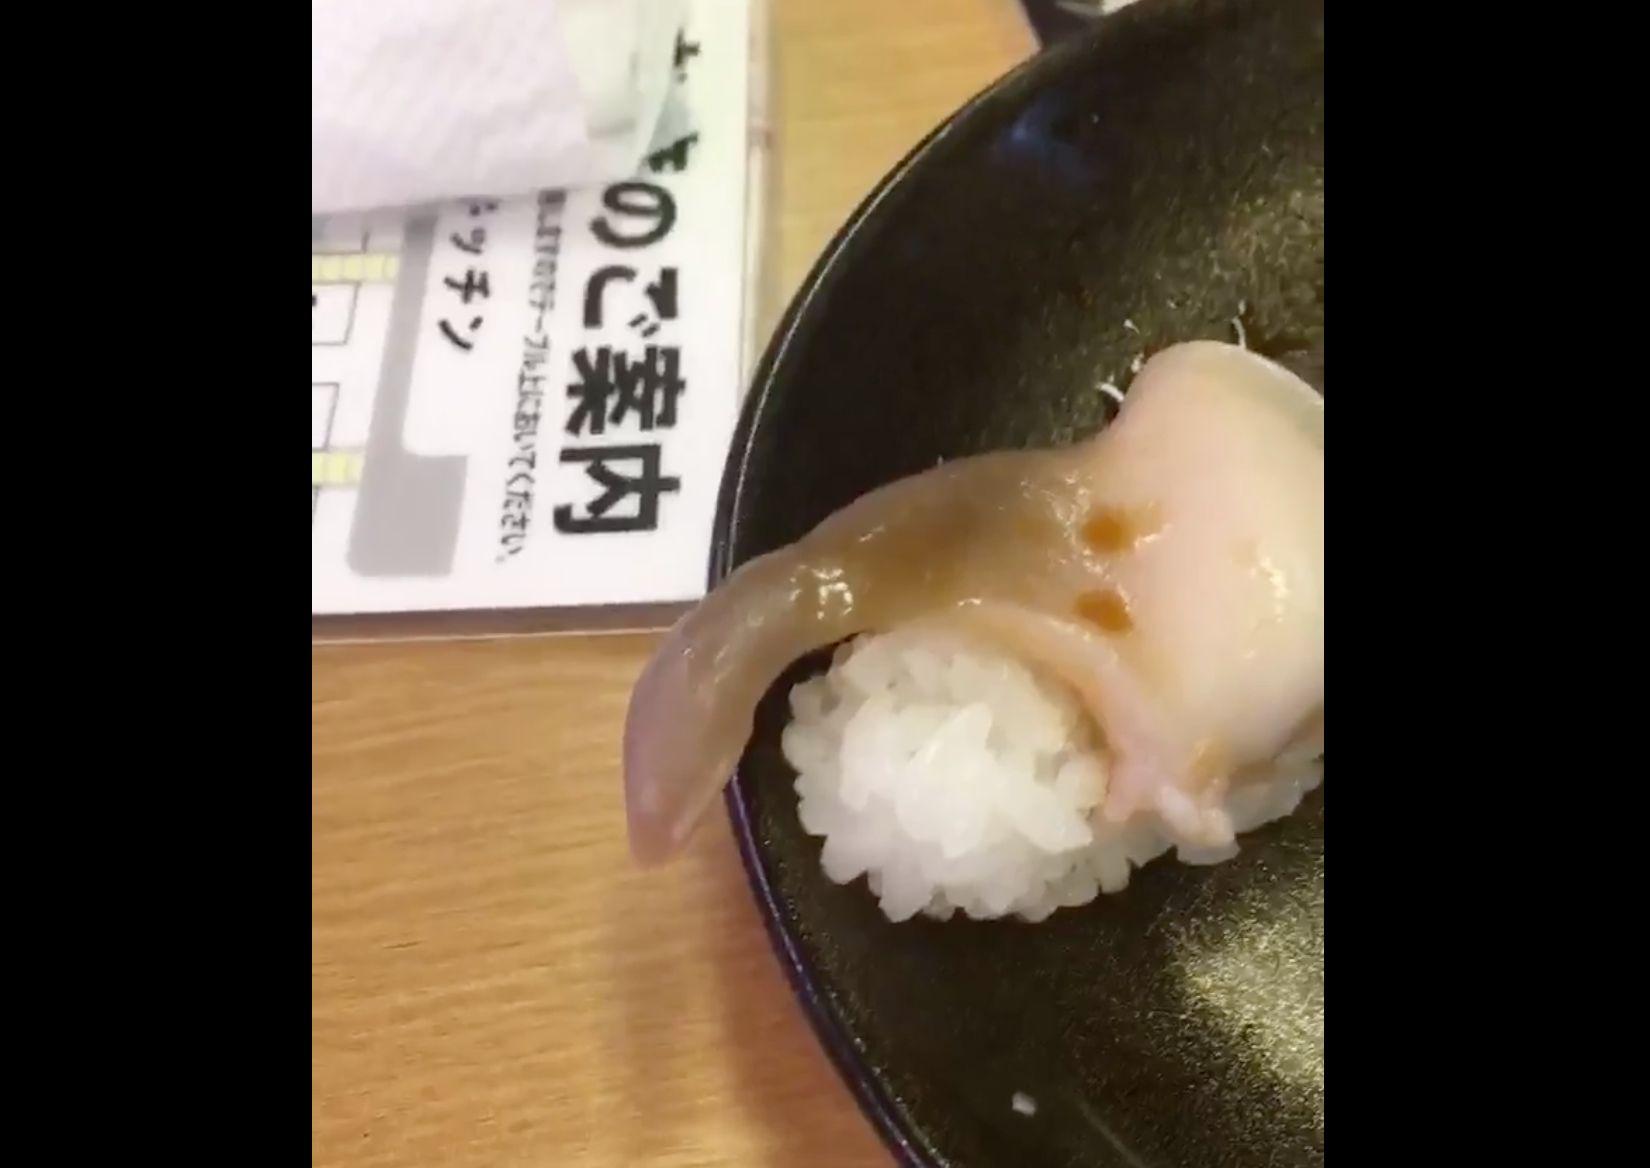 초밥을 먹으려고 했더니, 조개가 움직이기